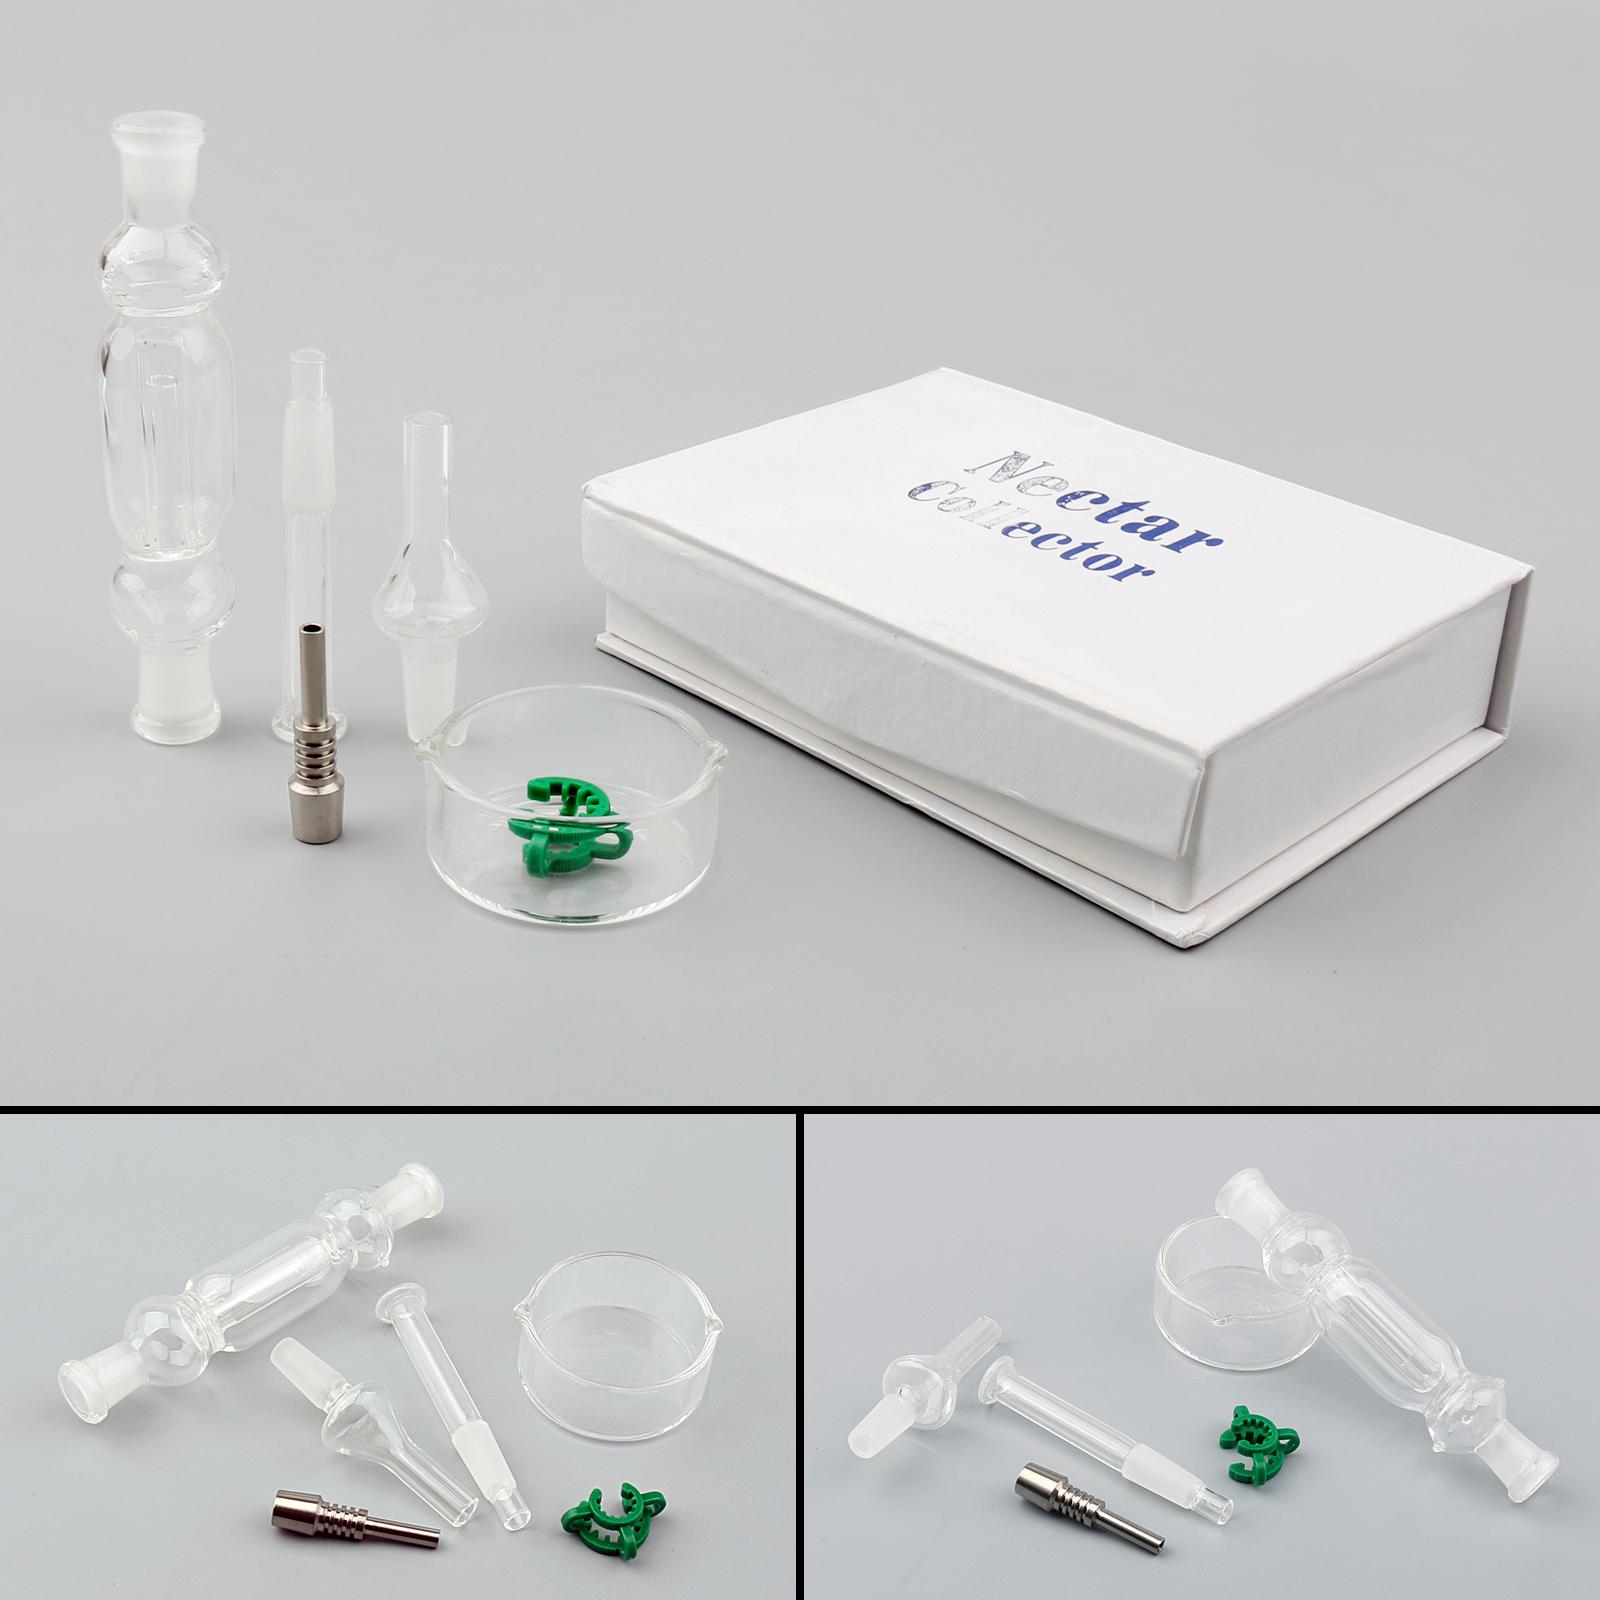 Areyourshop 10mm Mini For NC Quartz Tip Titanium Tip Glass Body